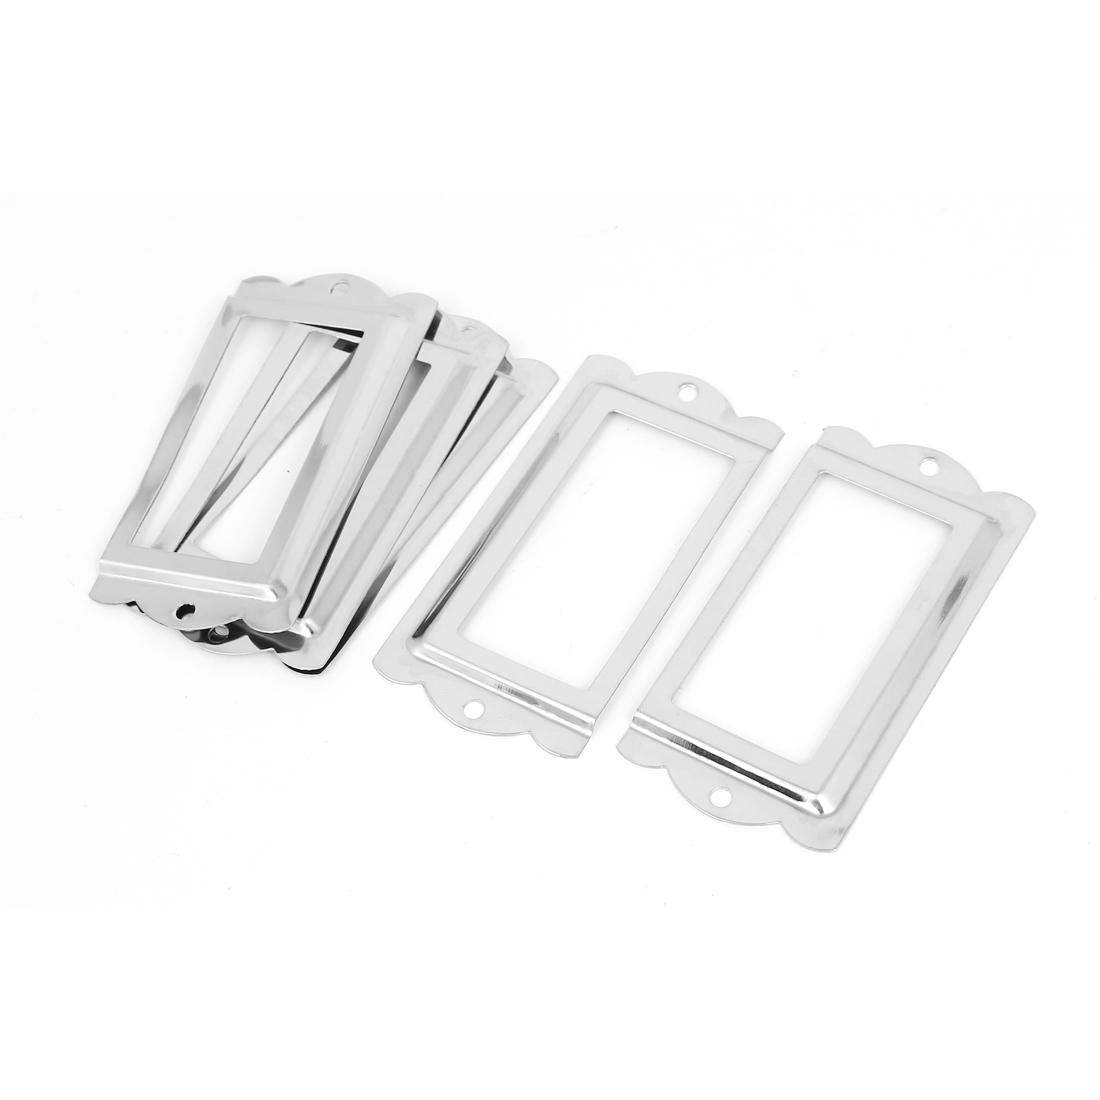 Office Drawer Cabinet Label Pull Holder Frame Blue 5pcs